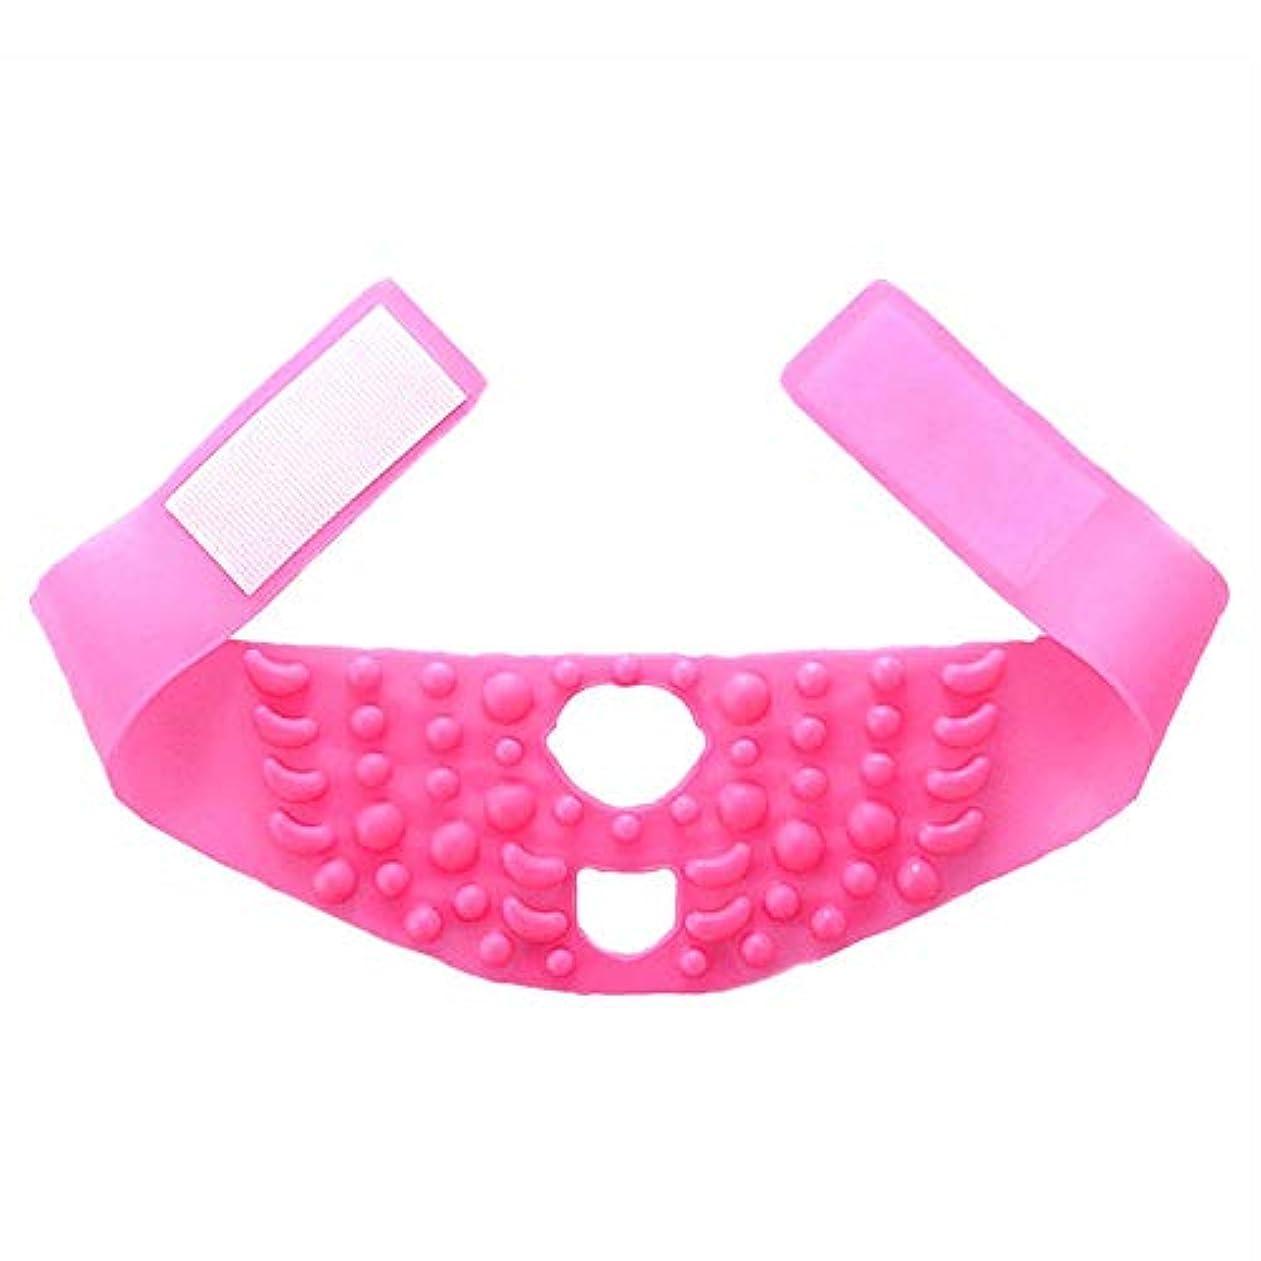 削除するリーフレットローズMinmin シンフェイスマスクシリコーンマッサージ引き締まった形の小さなVフェイスリフティングに薄いフェイスアーティファクト包帯を飾る - ピンク みんみんVラインフェイスマスク